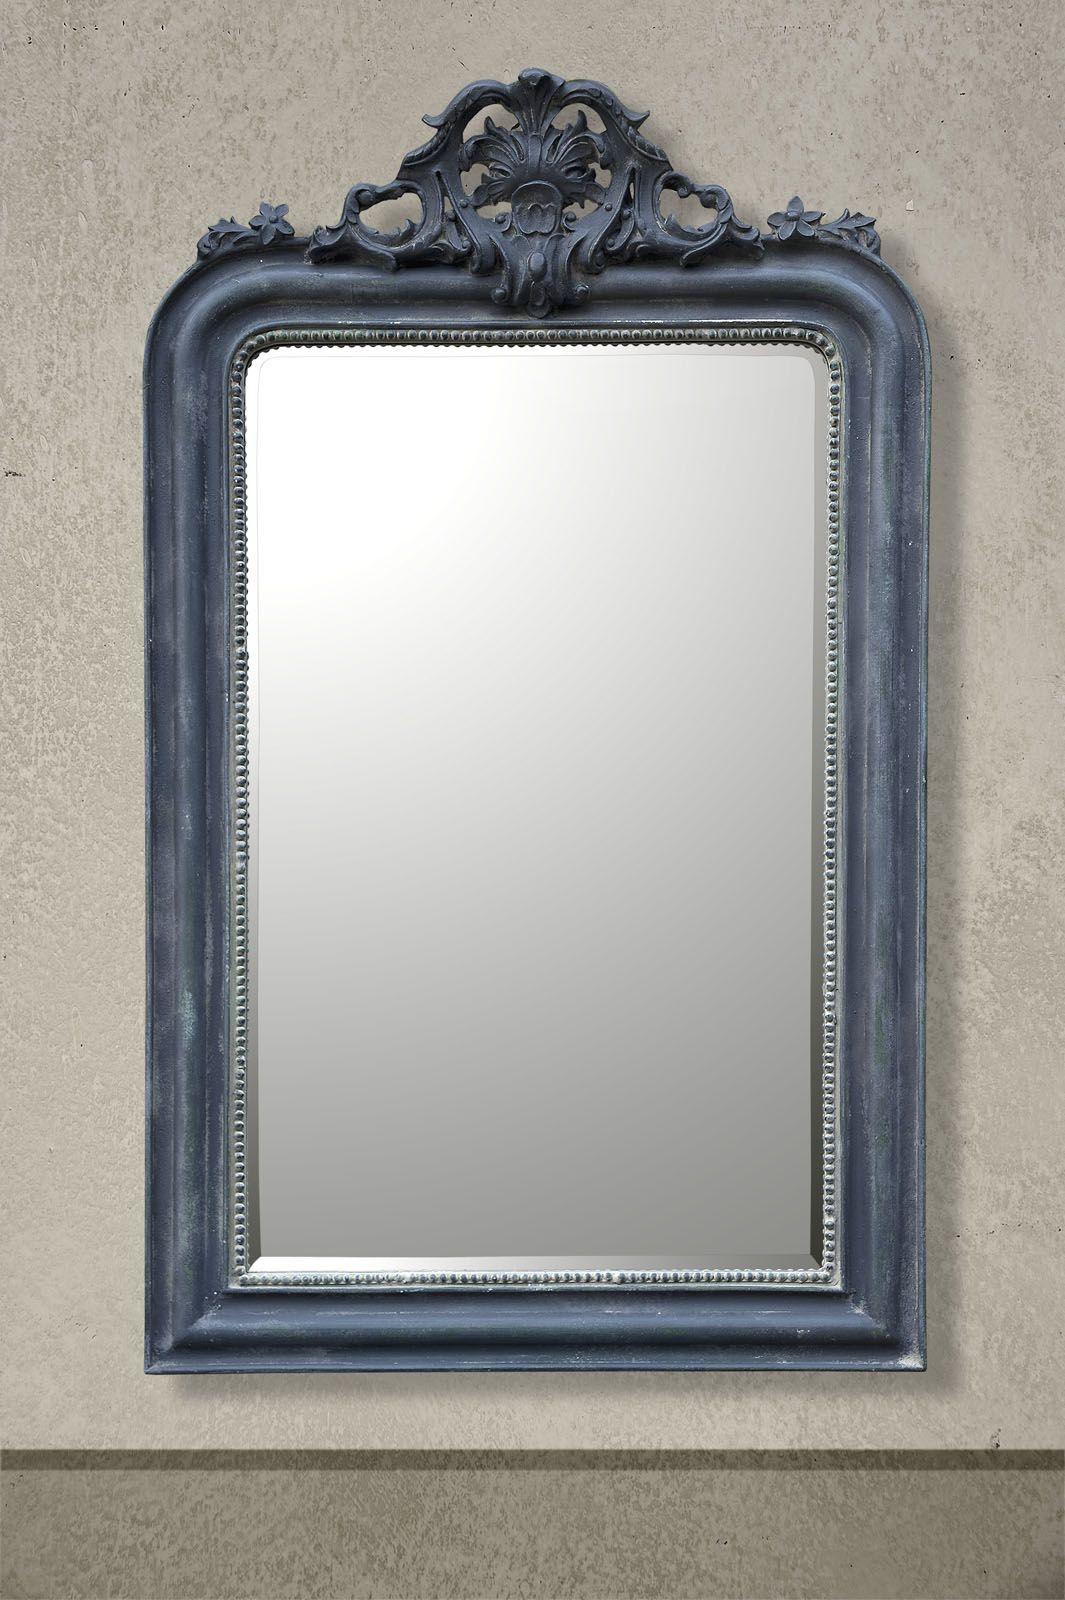 Emanuela marchesini specchio francese provenzale pinterest specchio francese - Specchio in francese ...